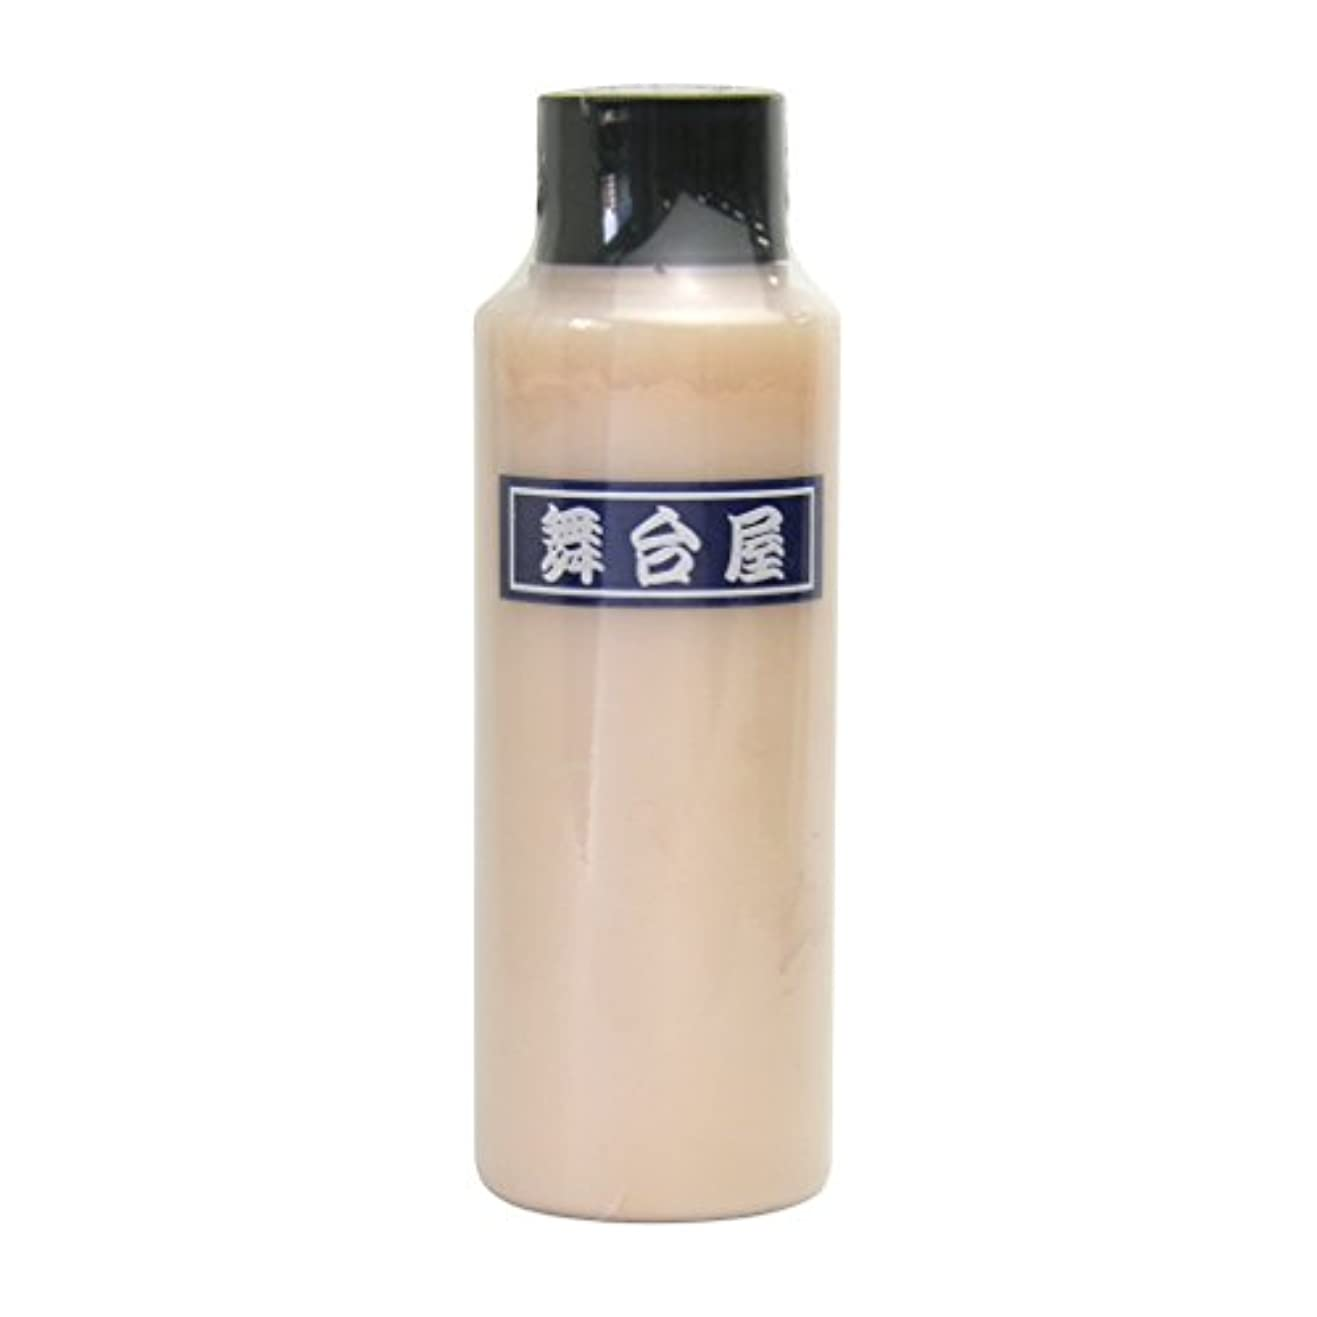 法的ラフ優越舞台屋 水白粉 ピンク-2